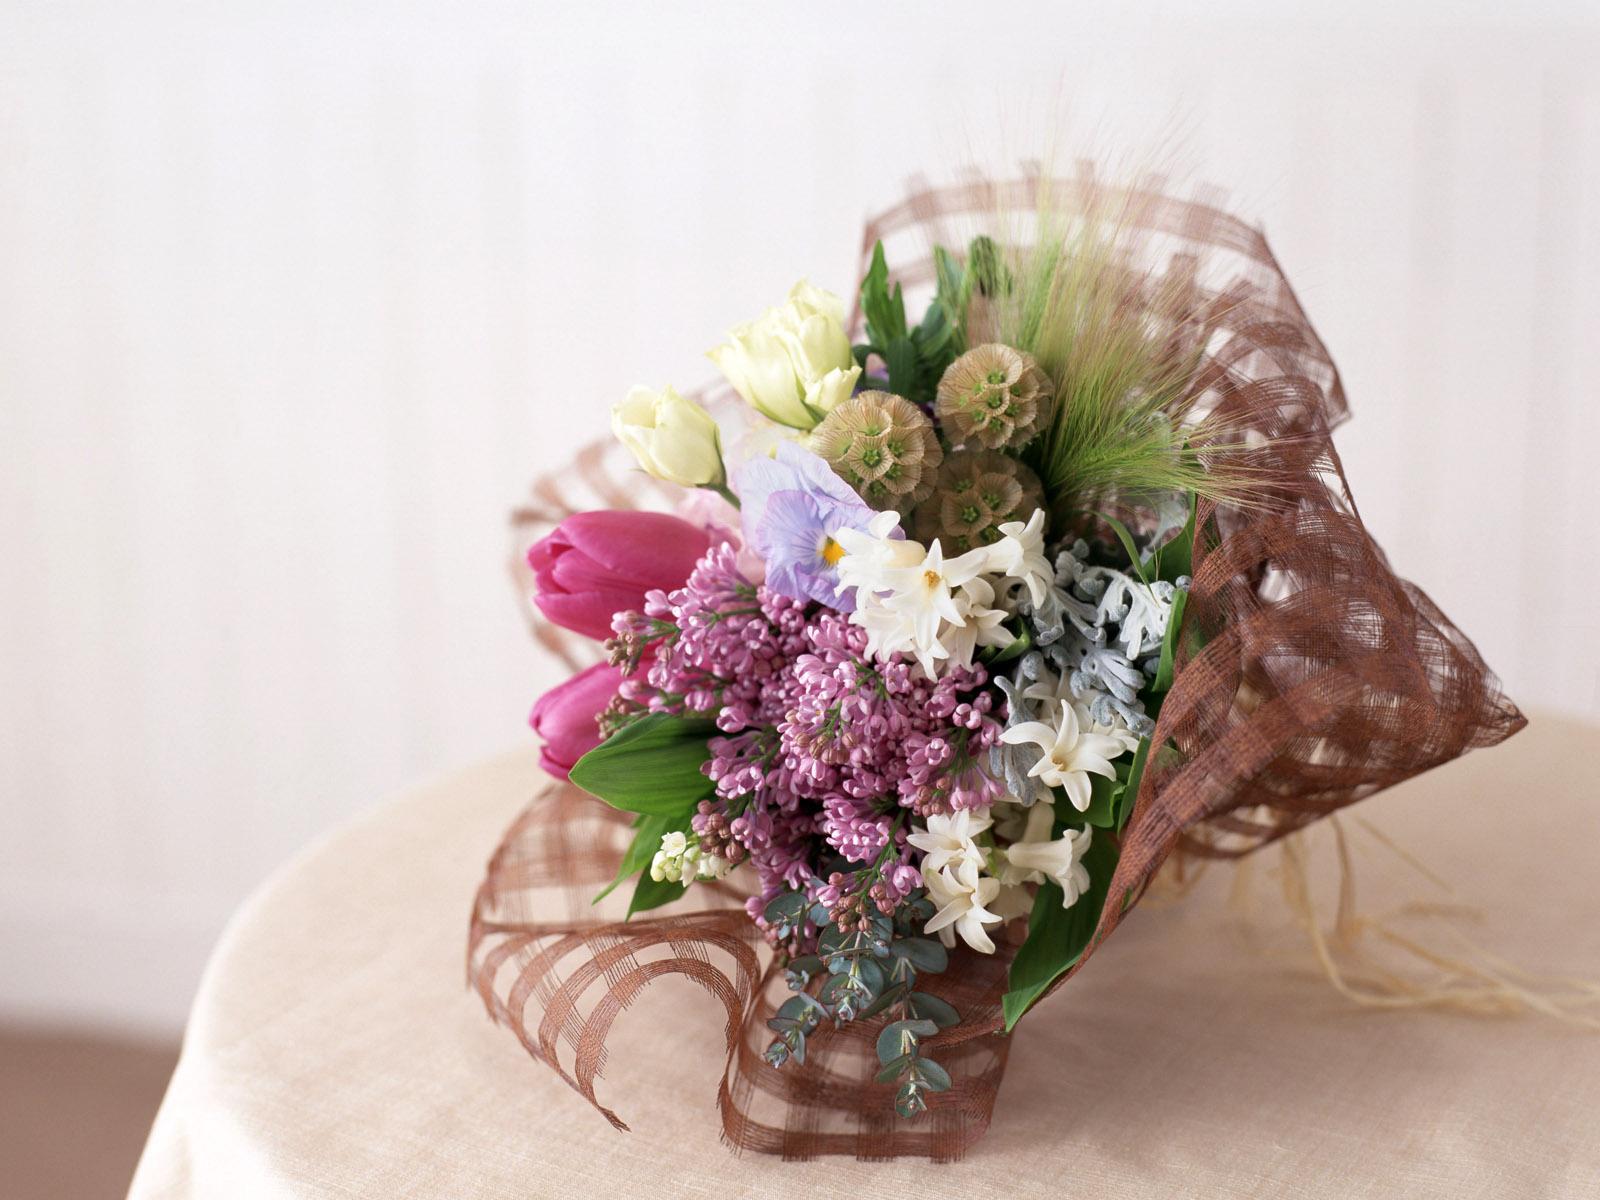 Оформление букета цветов фото